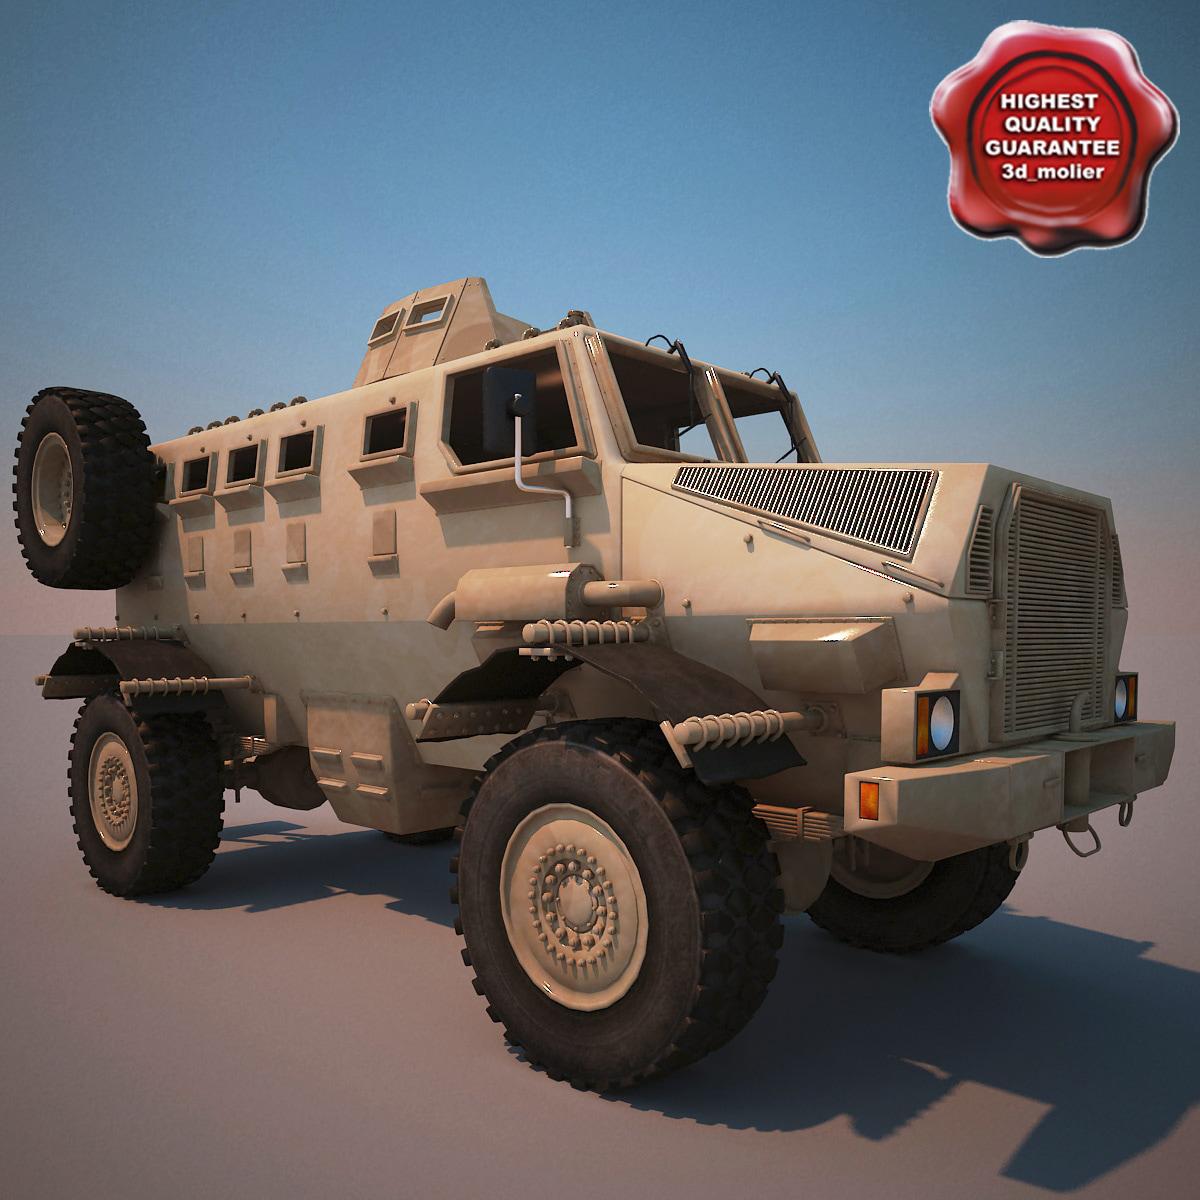 Ivema_Gila_Ambush_Protected_Vehicle_00.jpg